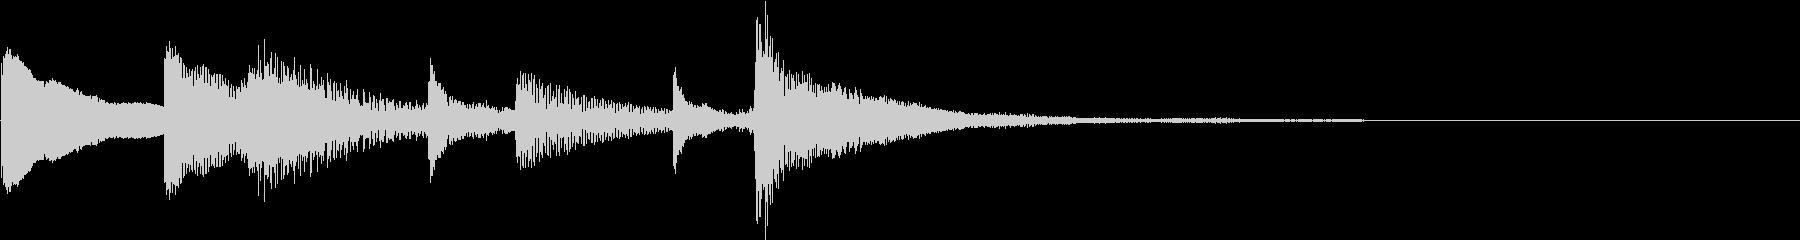 マリンバののほほんチャイムの未再生の波形